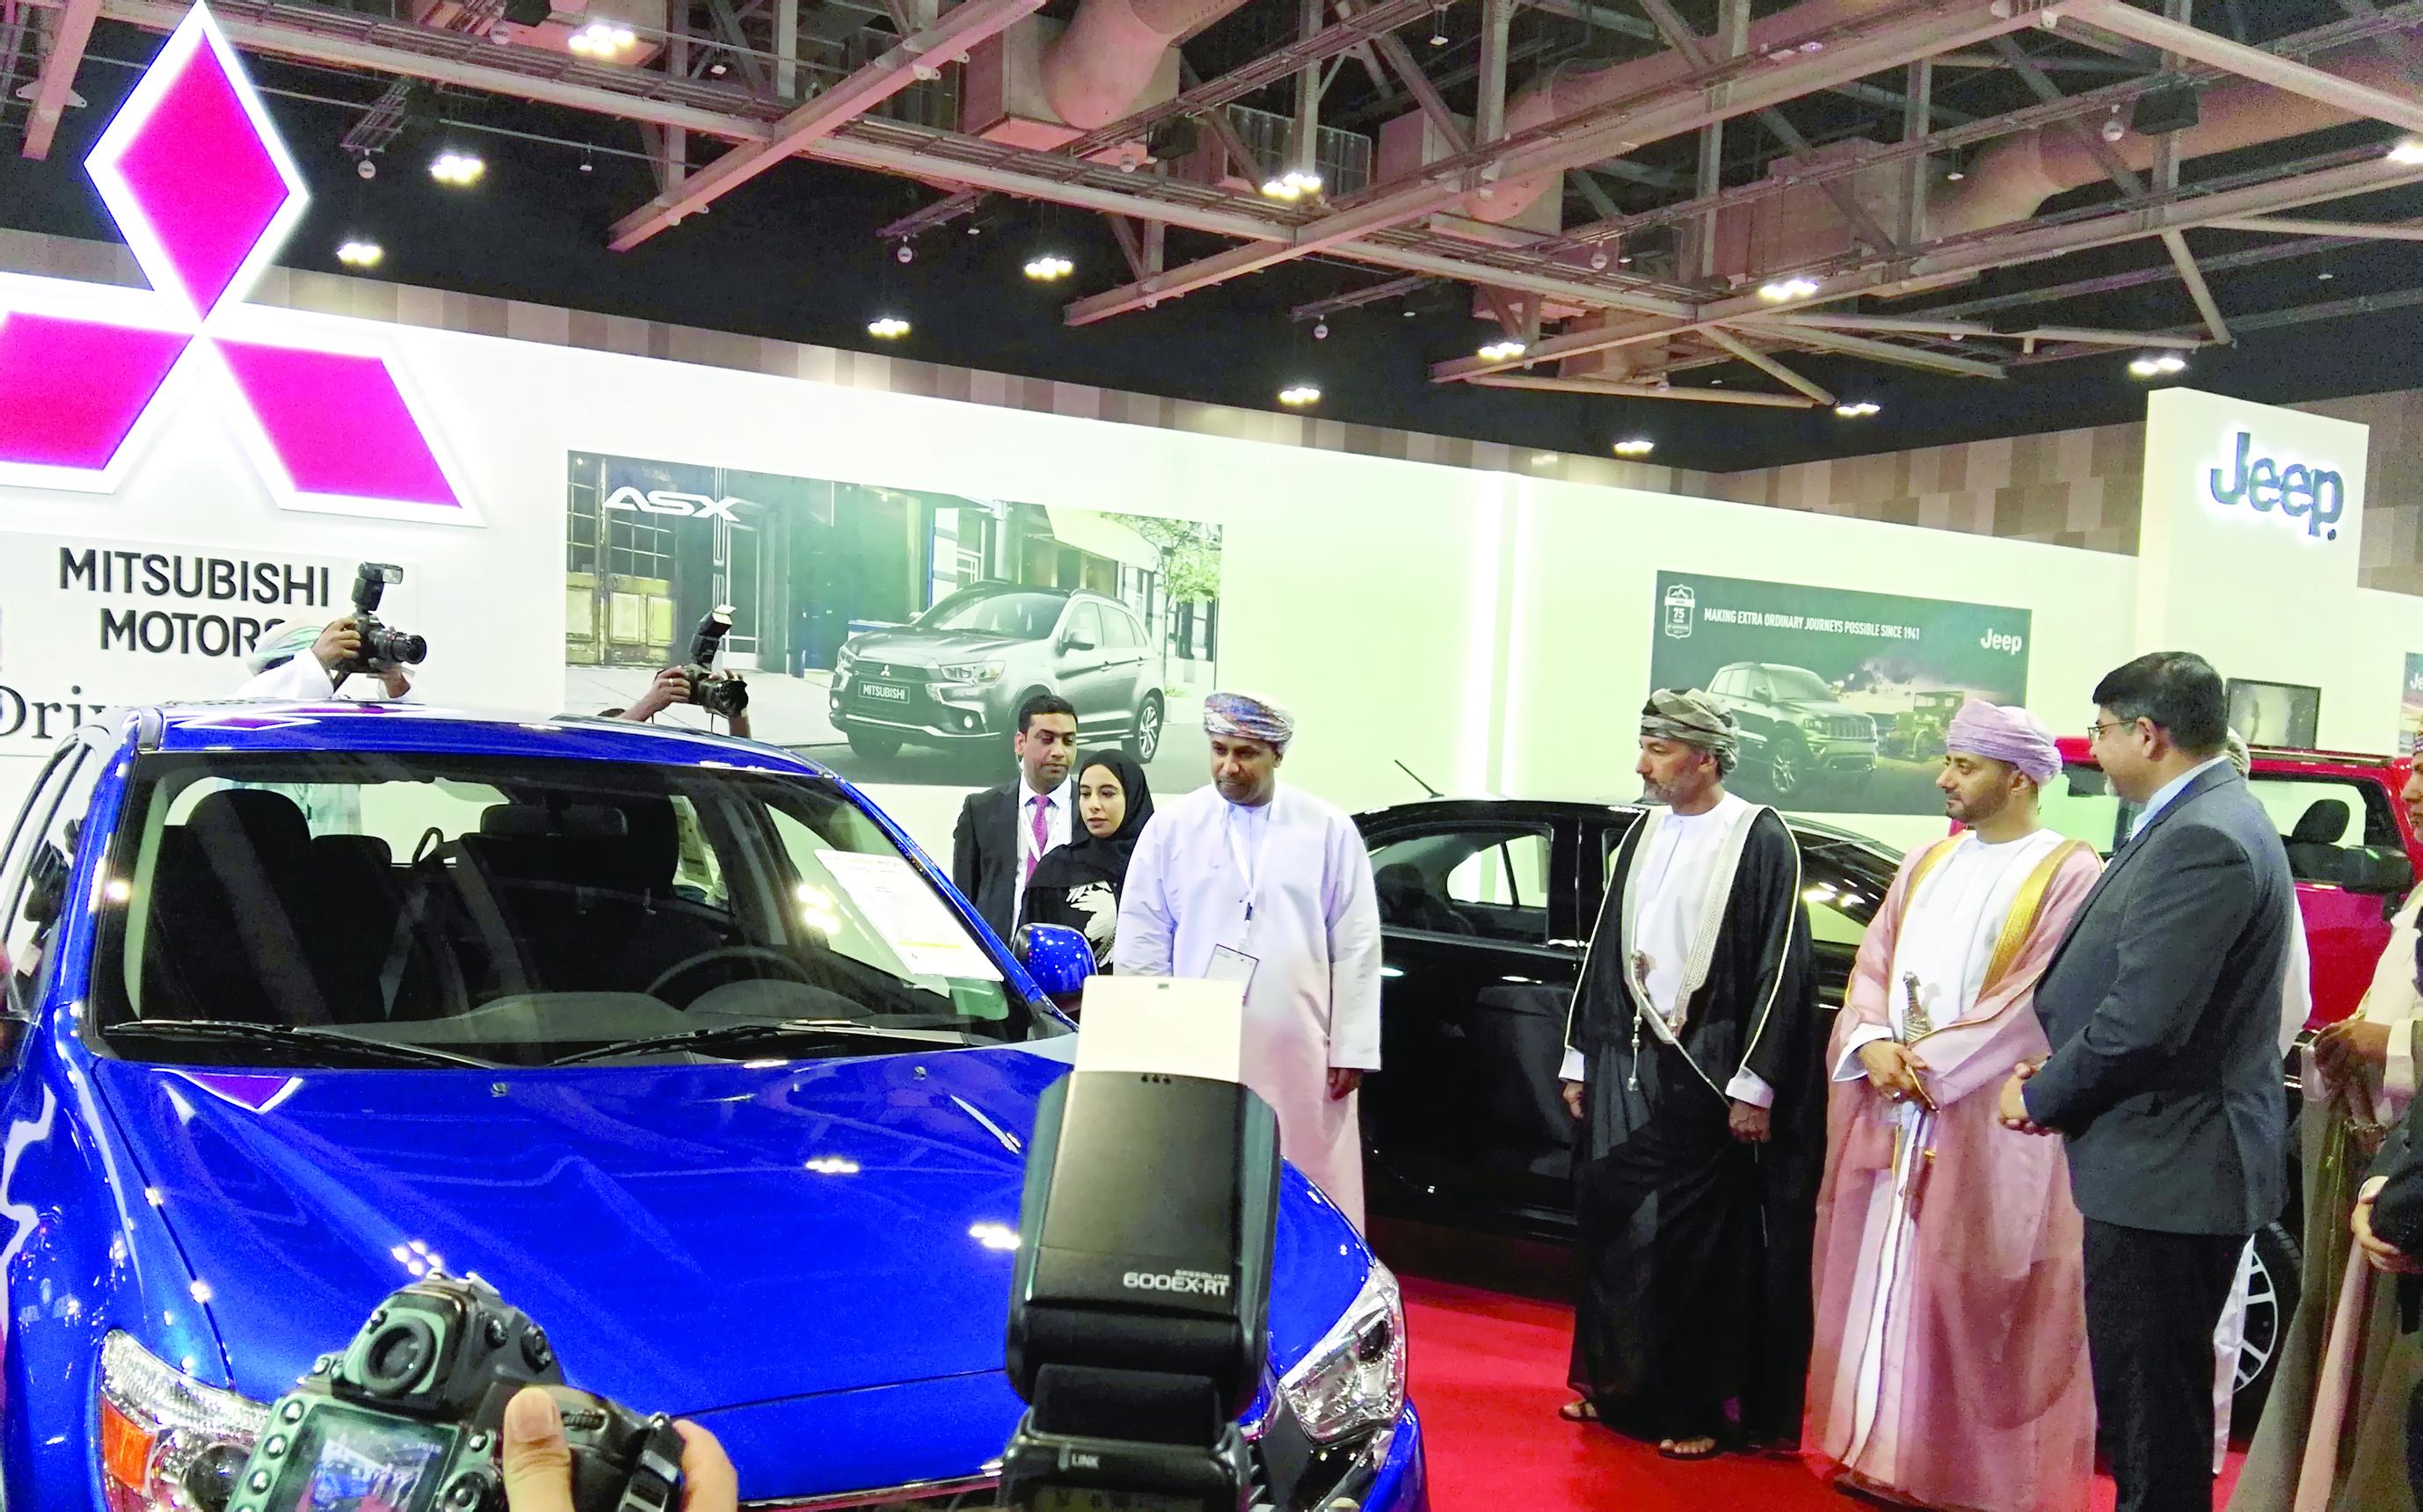 الشركة العامة للسيارات تستعرض طرازات ميتسوبيشي في معرض عمان للسيارات